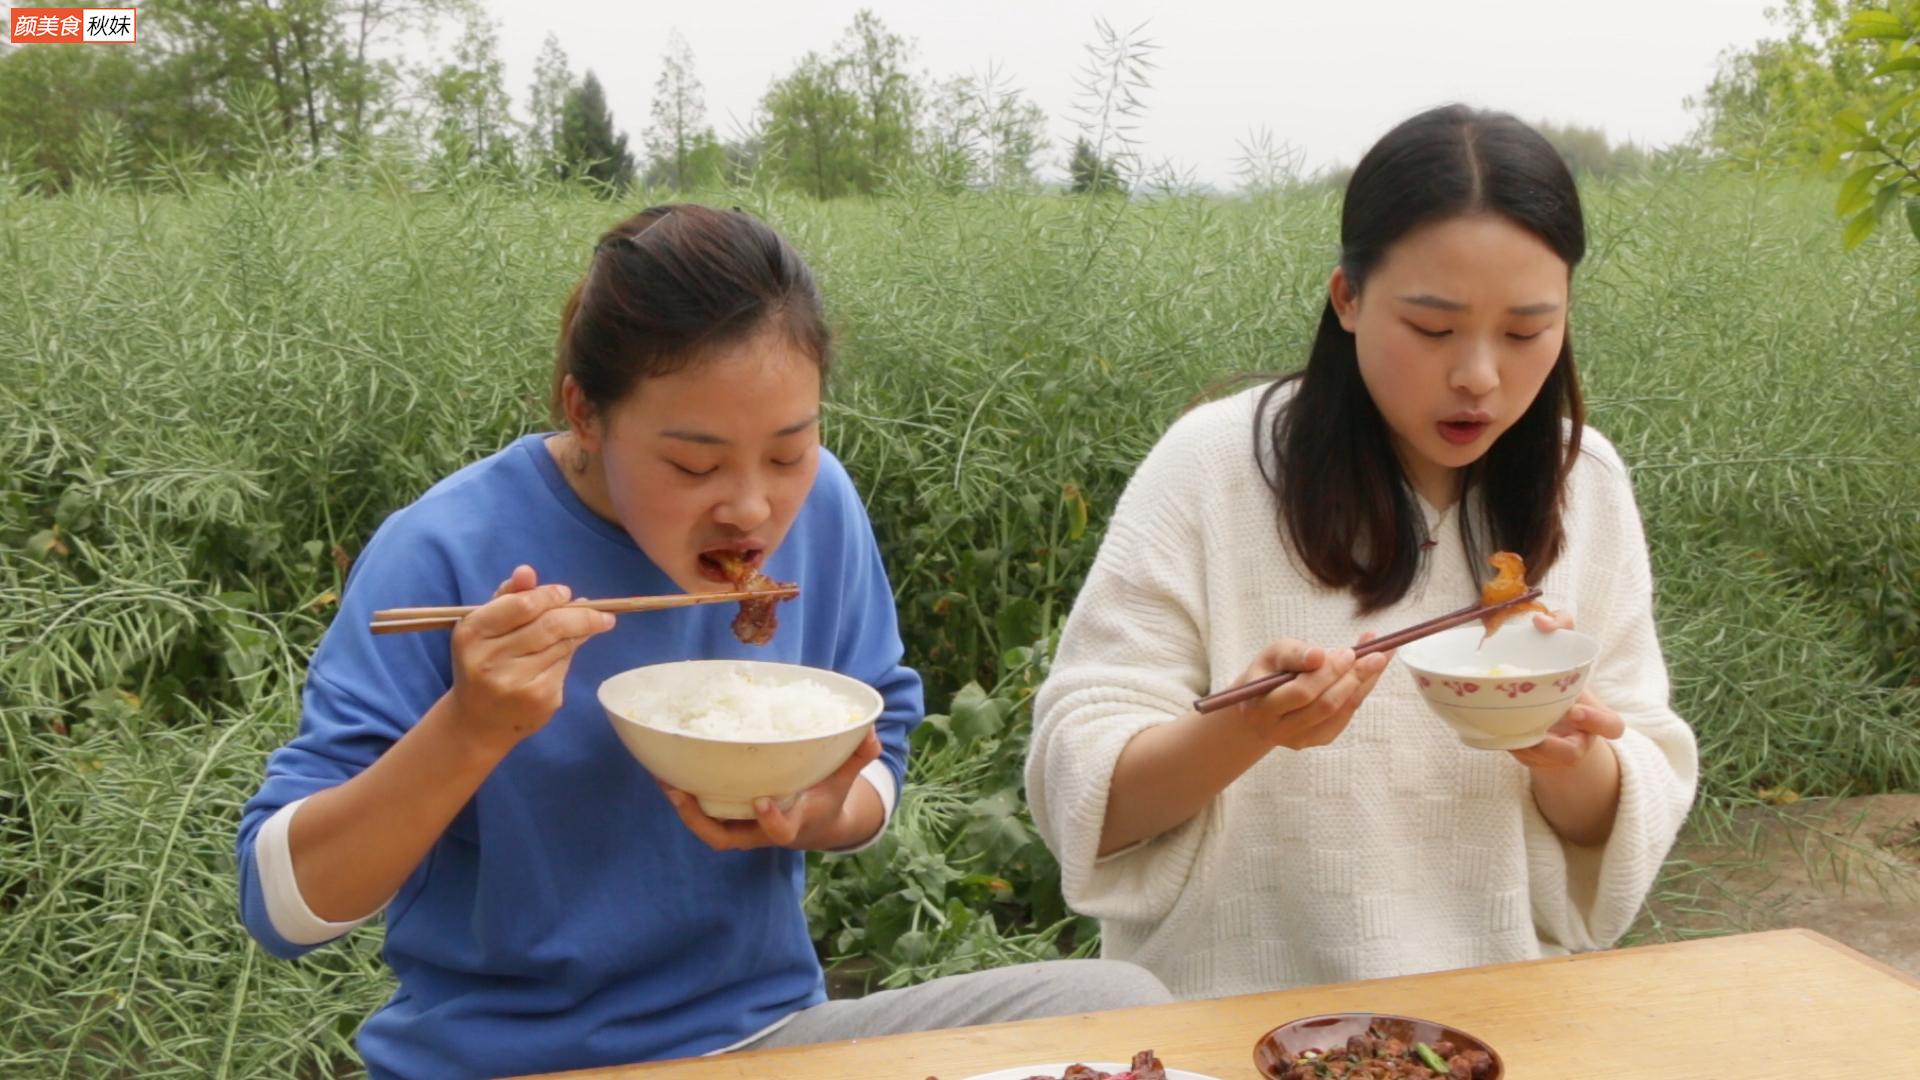 秋妹和姐姐今天吃黄焖牛蹄筋,入口即化,满嘴的胶原蛋白,真美味